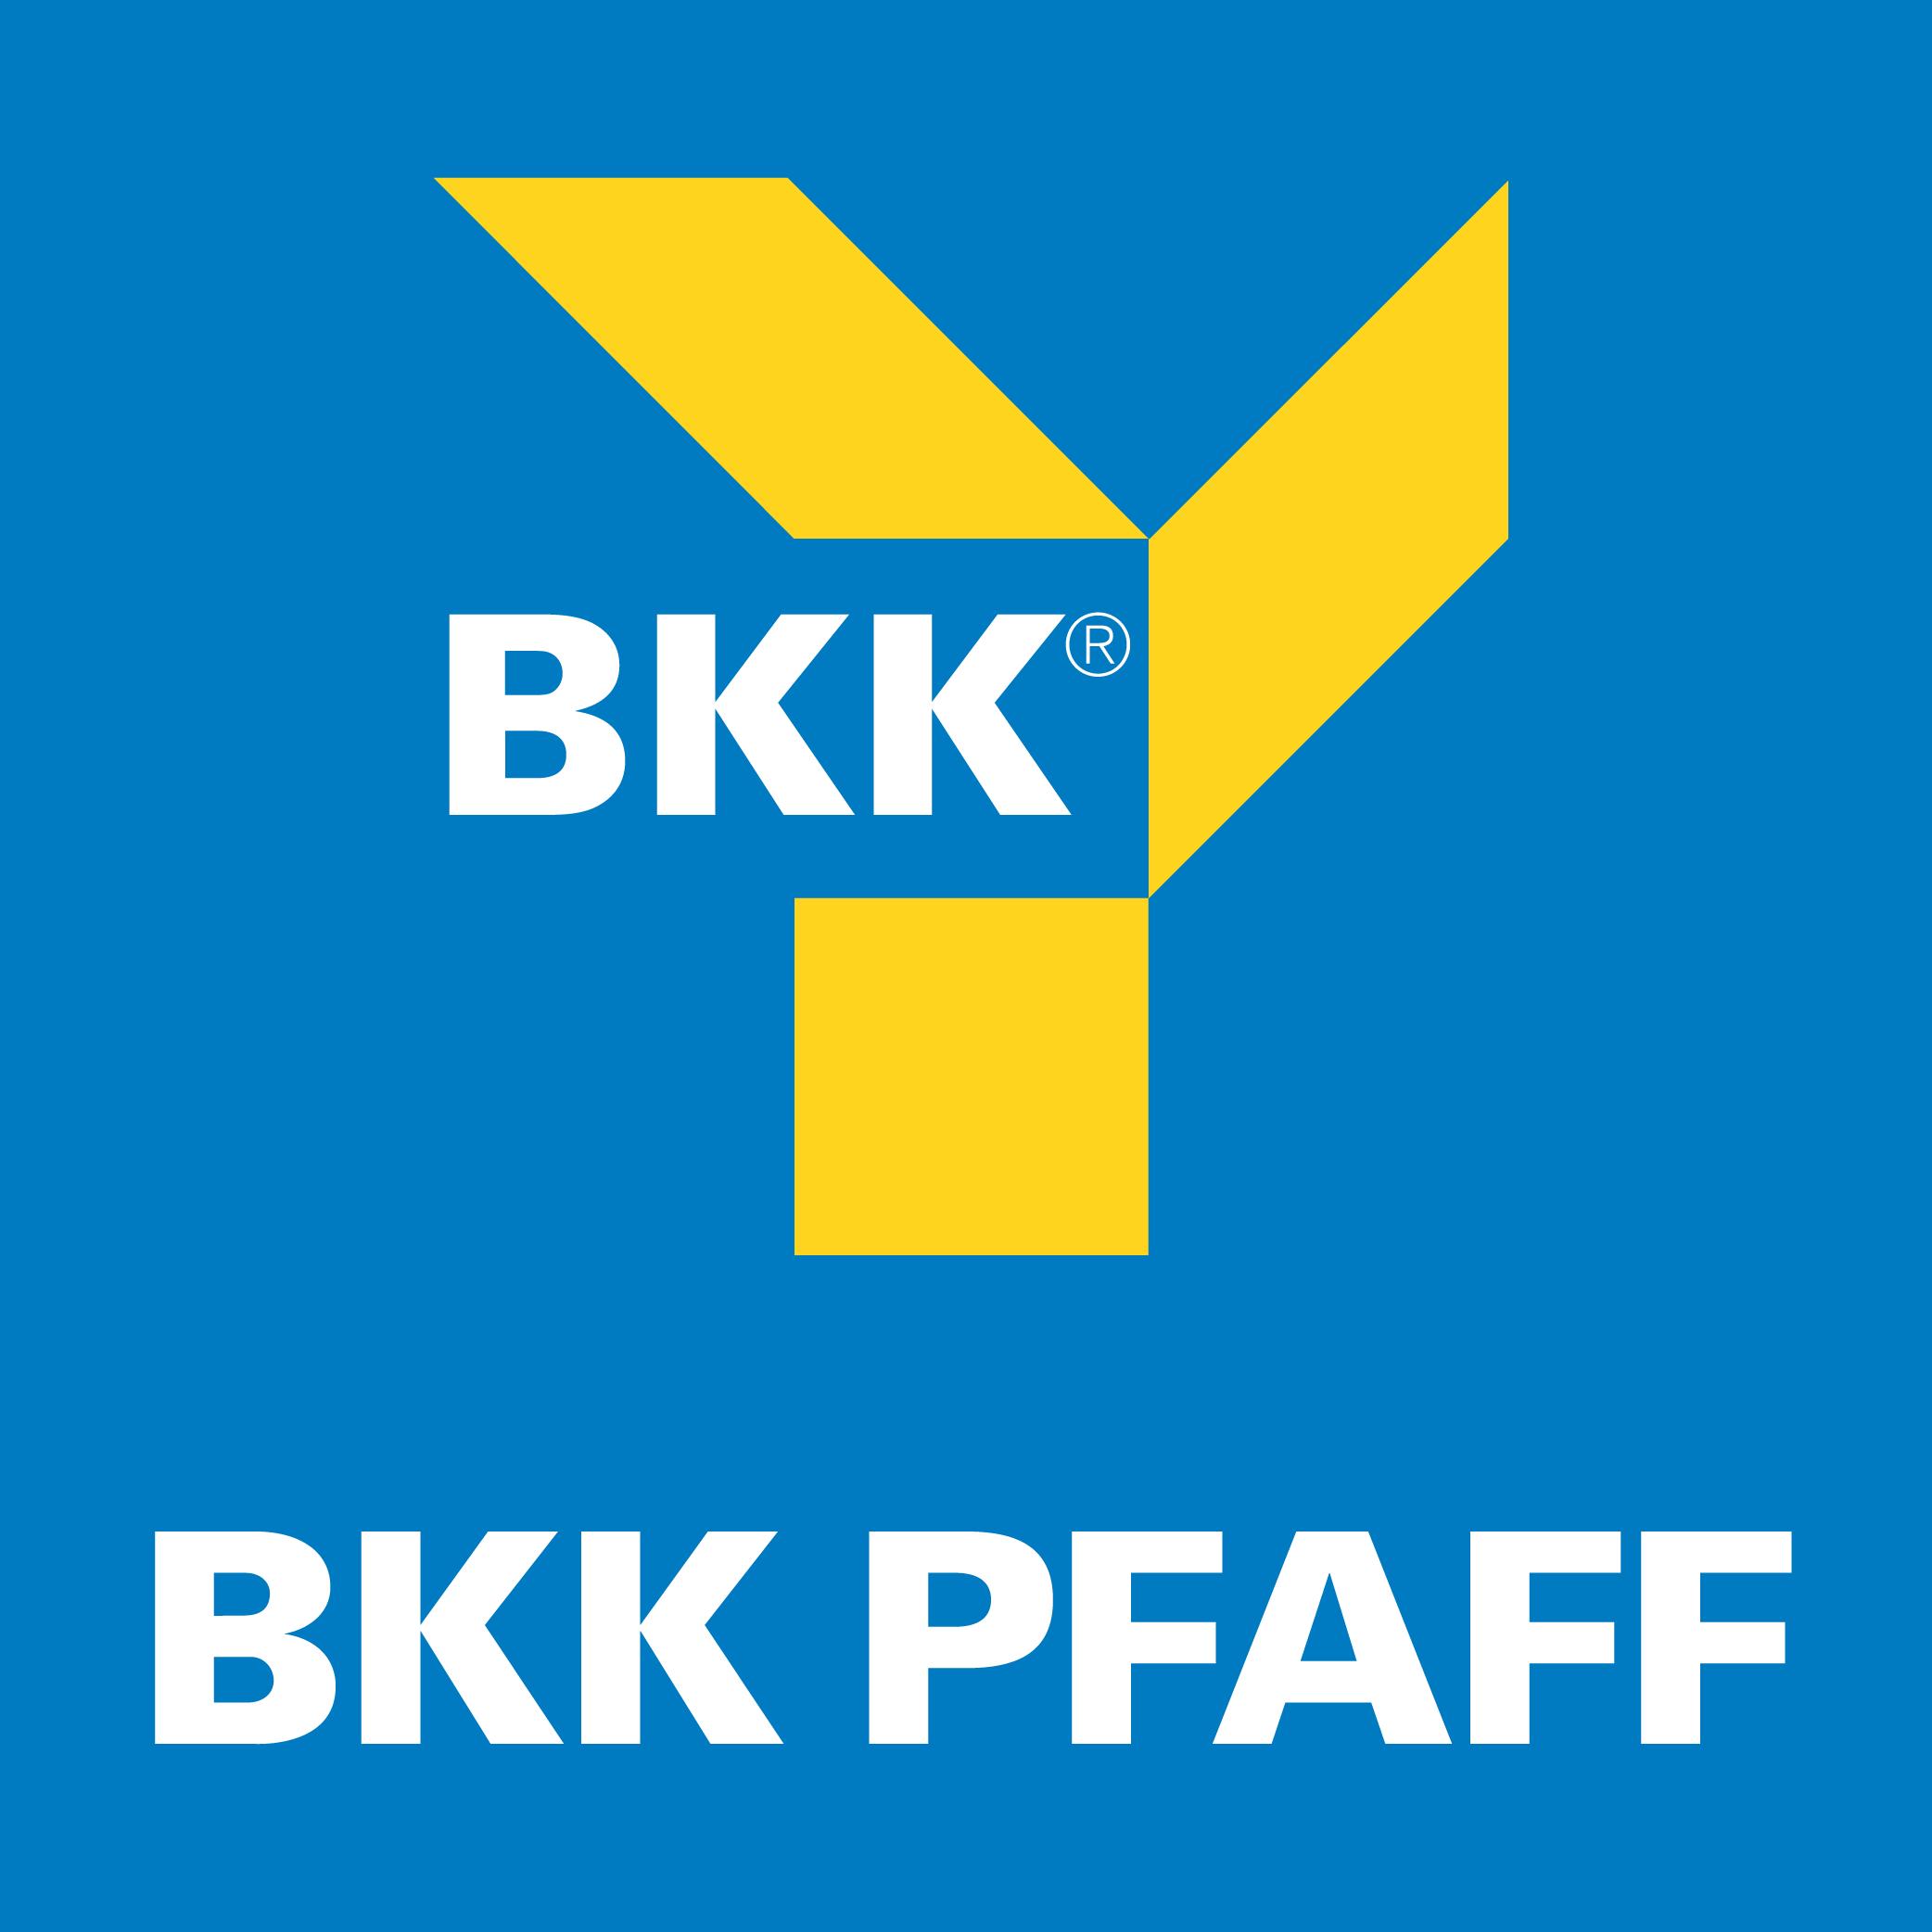 Markenzeichen der BKK PFAFF